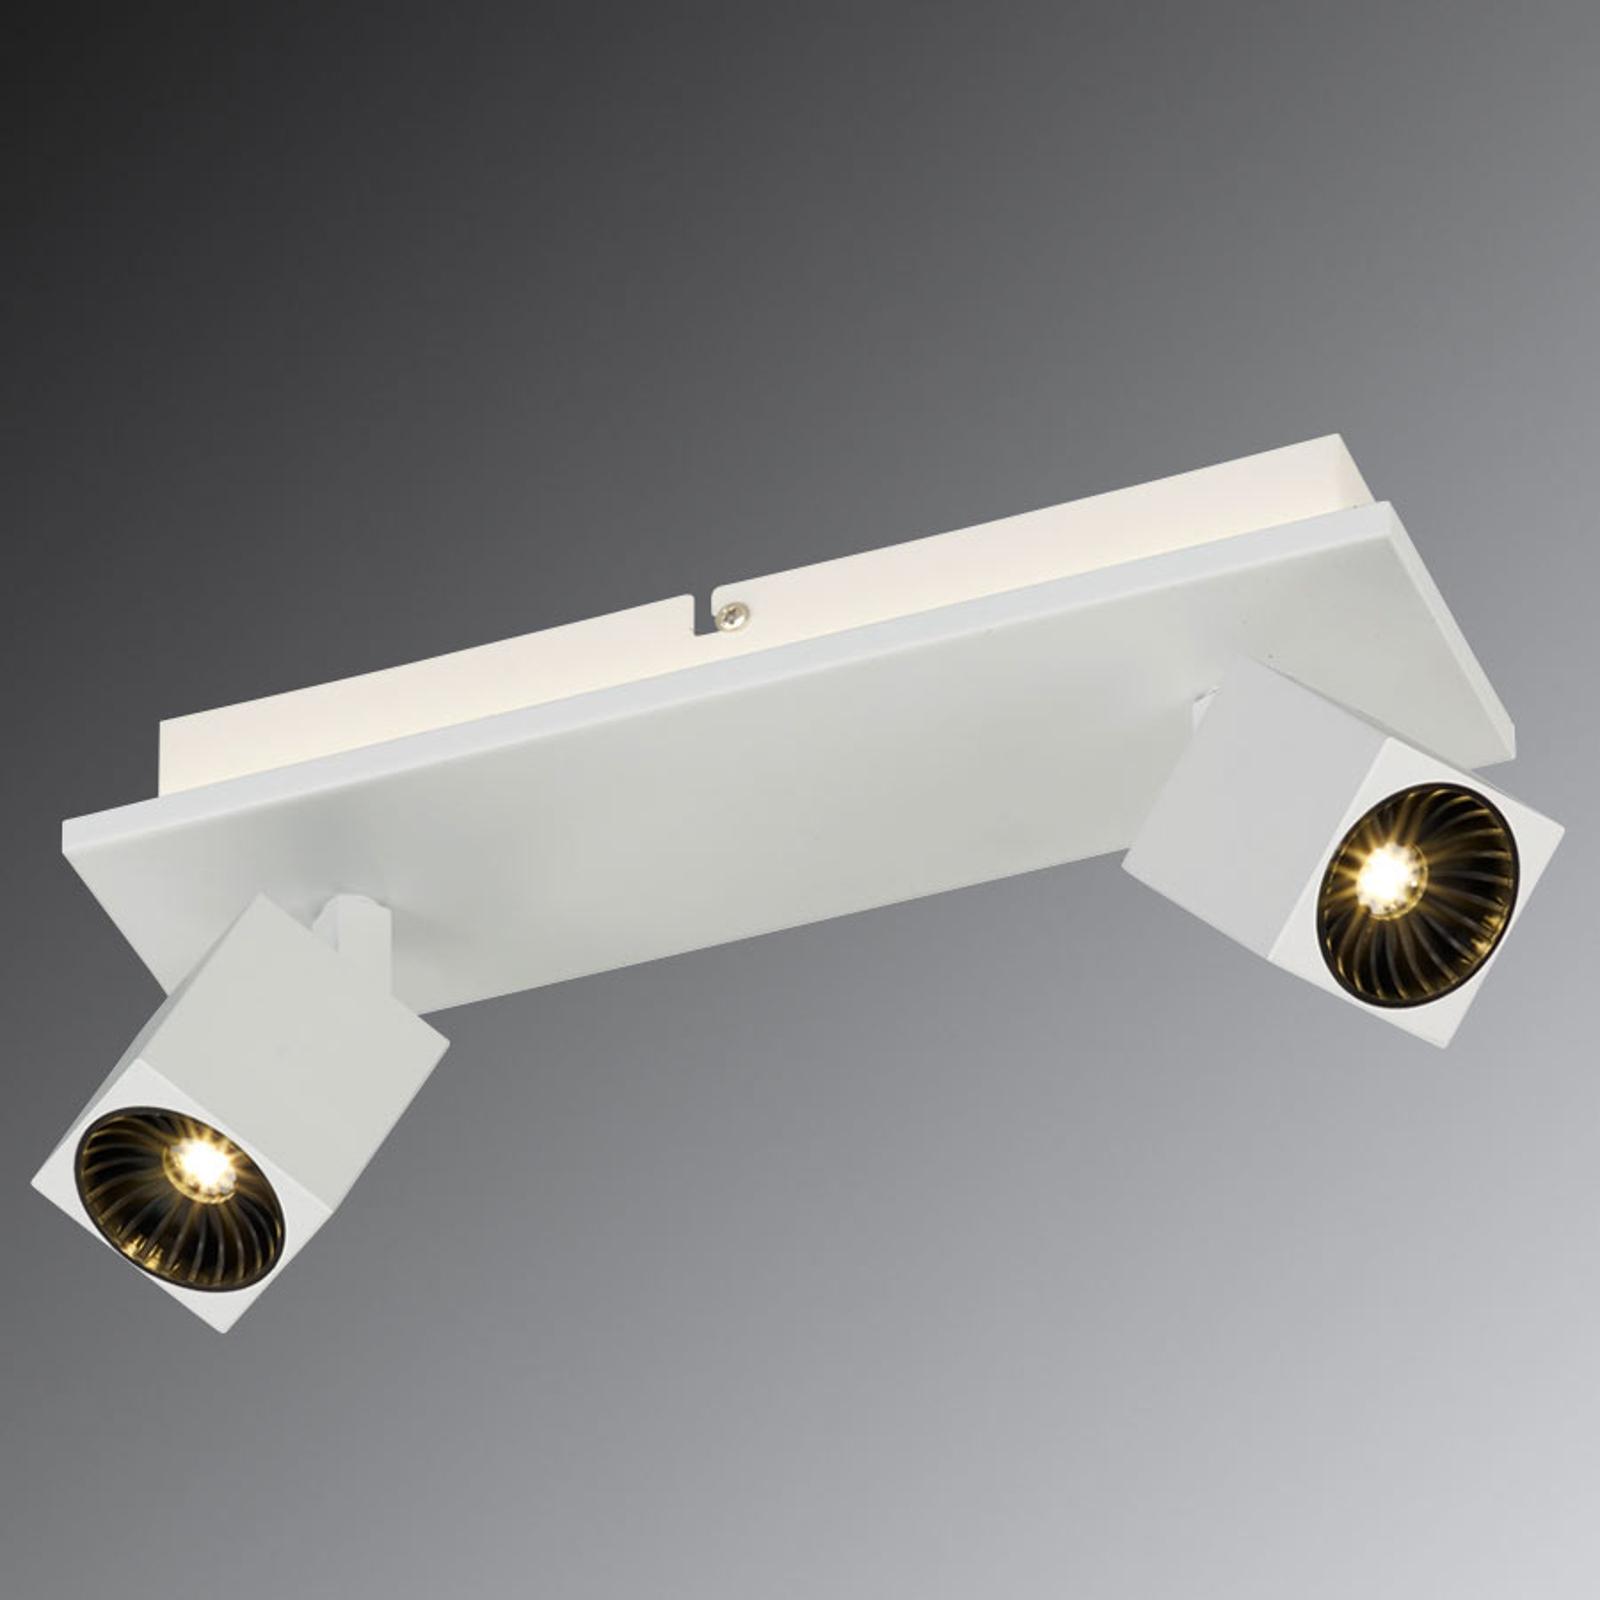 Varierende LED-taklampe Cuba med Osram LED-lys